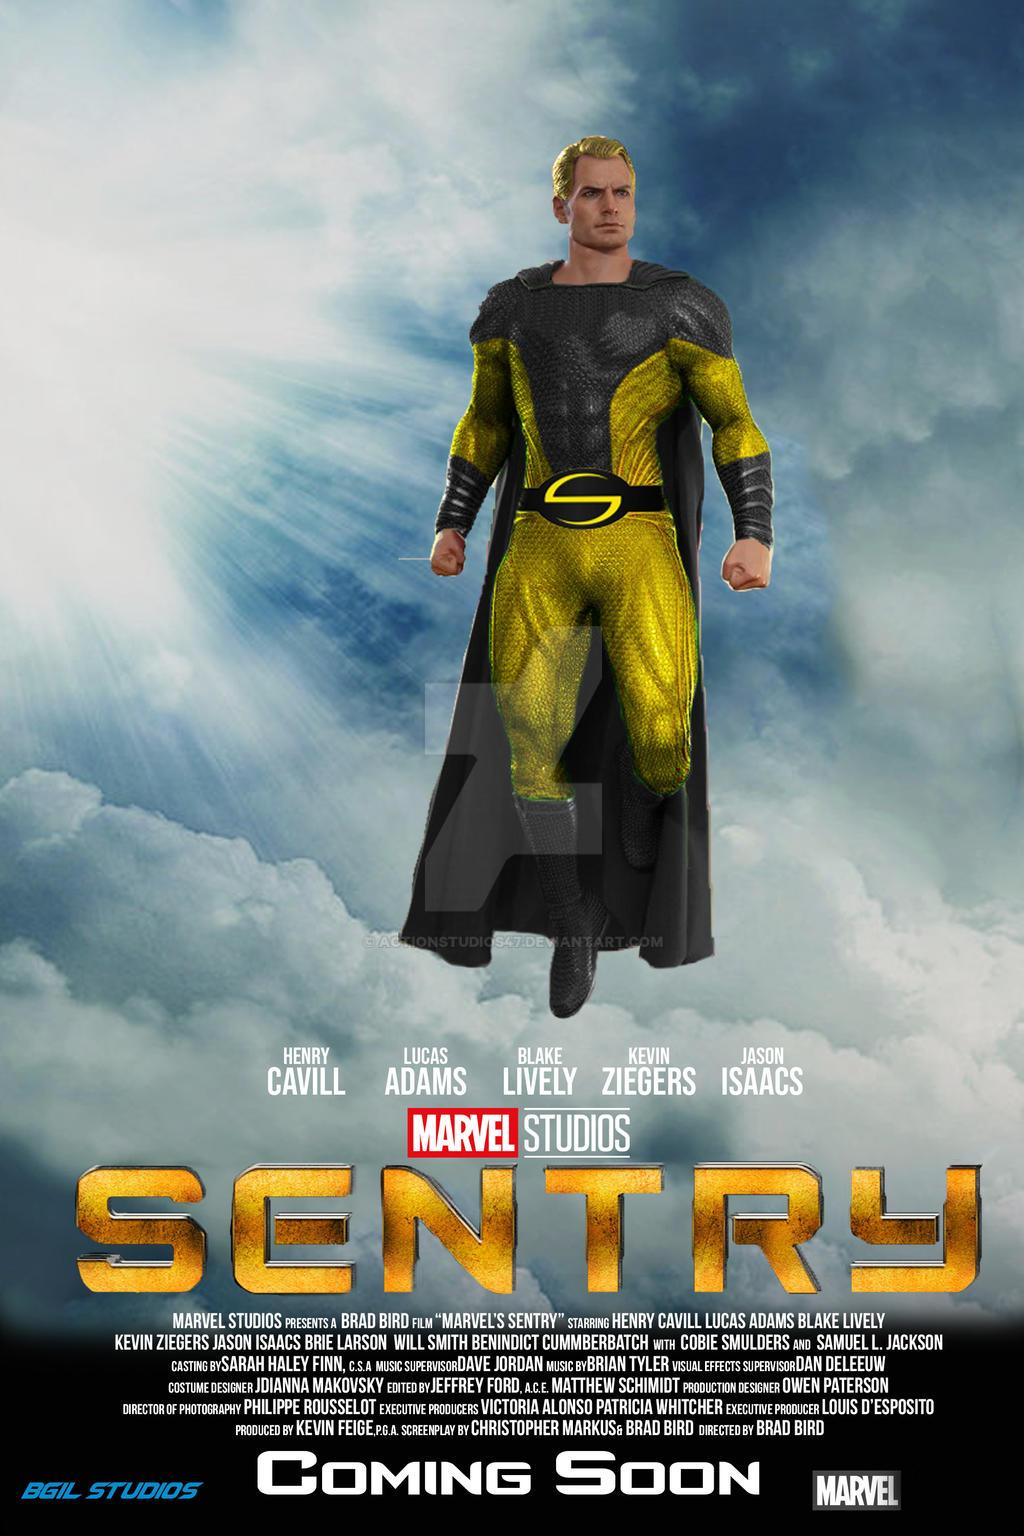 Ato lV: O Sinal Amarelo Mcu_sentry_movie_poster_by_actionstudios47_dd8uw42-fullview.jpg?token=eyJ0eXAiOiJKV1QiLCJhbGciOiJIUzI1NiJ9.eyJzdWIiOiJ1cm46YXBwOiIsImlzcyI6InVybjphcHA6Iiwib2JqIjpbW3sicGF0aCI6IlwvZlwvOTI2MGU0NzctODI4MC00NWJjLWE5MTgtYTdlM2MyYWQyZDBjXC9kZDh1dzQyLWQ0ODRlZDNmLWFhNzItNDM4Zi1hNjQ1LTM3MzIzNGRlOGVkNS5qcGciLCJoZWlnaHQiOiI8PTE1MzYiLCJ3aWR0aCI6Ijw9MTAyNCJ9XV0sImF1ZCI6WyJ1cm46c2VydmljZTppbWFnZS53YXRlcm1hcmsiXSwid21rIjp7InBhdGgiOiJcL3dtXC85MjYwZTQ3Ny04MjgwLTQ1YmMtYTkxOC1hN2UzYzJhZDJkMGNcL2FjdGlvbnN0dWRpb3M0Ny00LnBuZyIsIm9wYWNpdHkiOjk1LCJwcm9wb3J0aW9ucyI6MC40NSwiZ3Jhdml0eSI6ImNlbnRlciJ9fQ